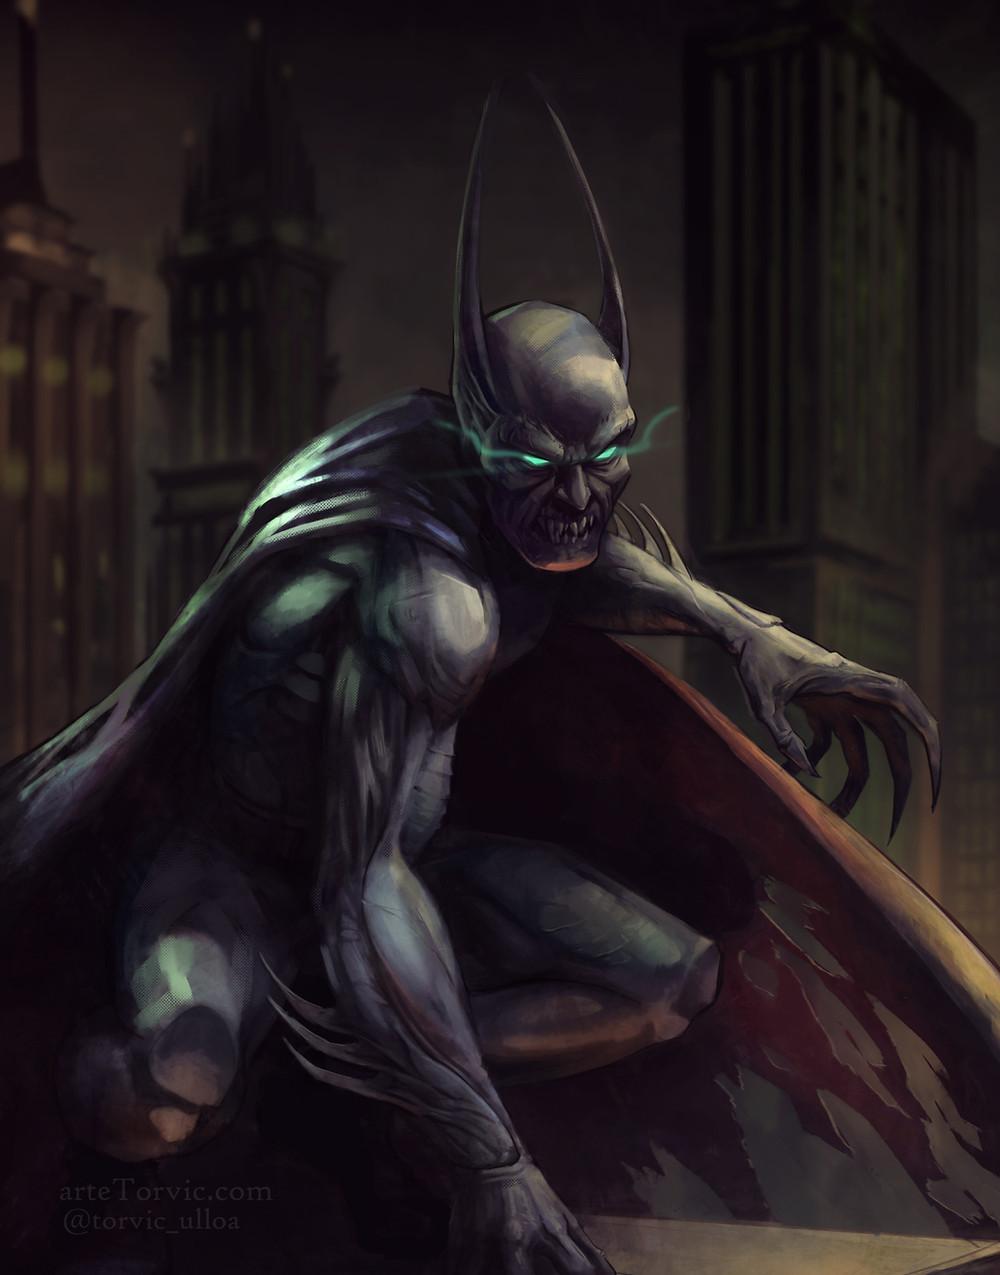 A little dark batman